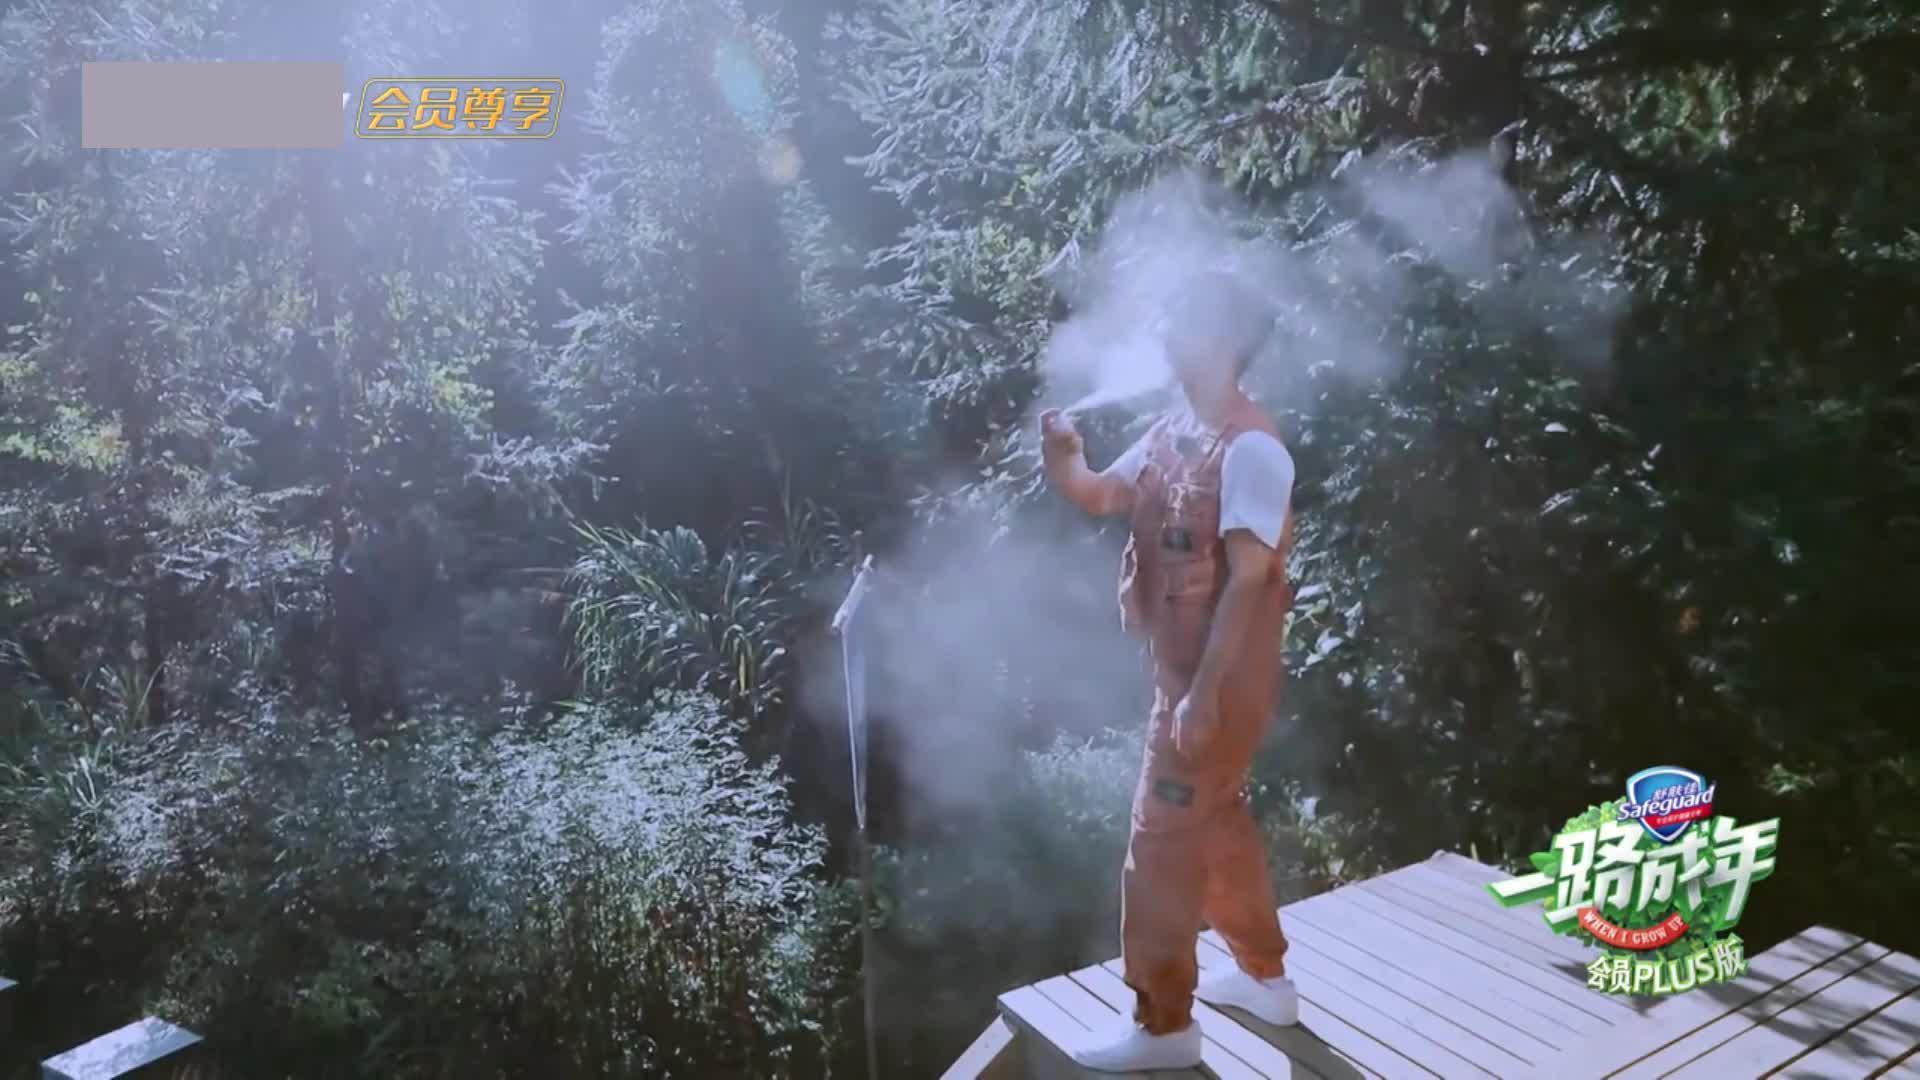 真人秀:李汶翰用防晒喷雾相当豪迈 隔壁老李挑战软体呼啦圈